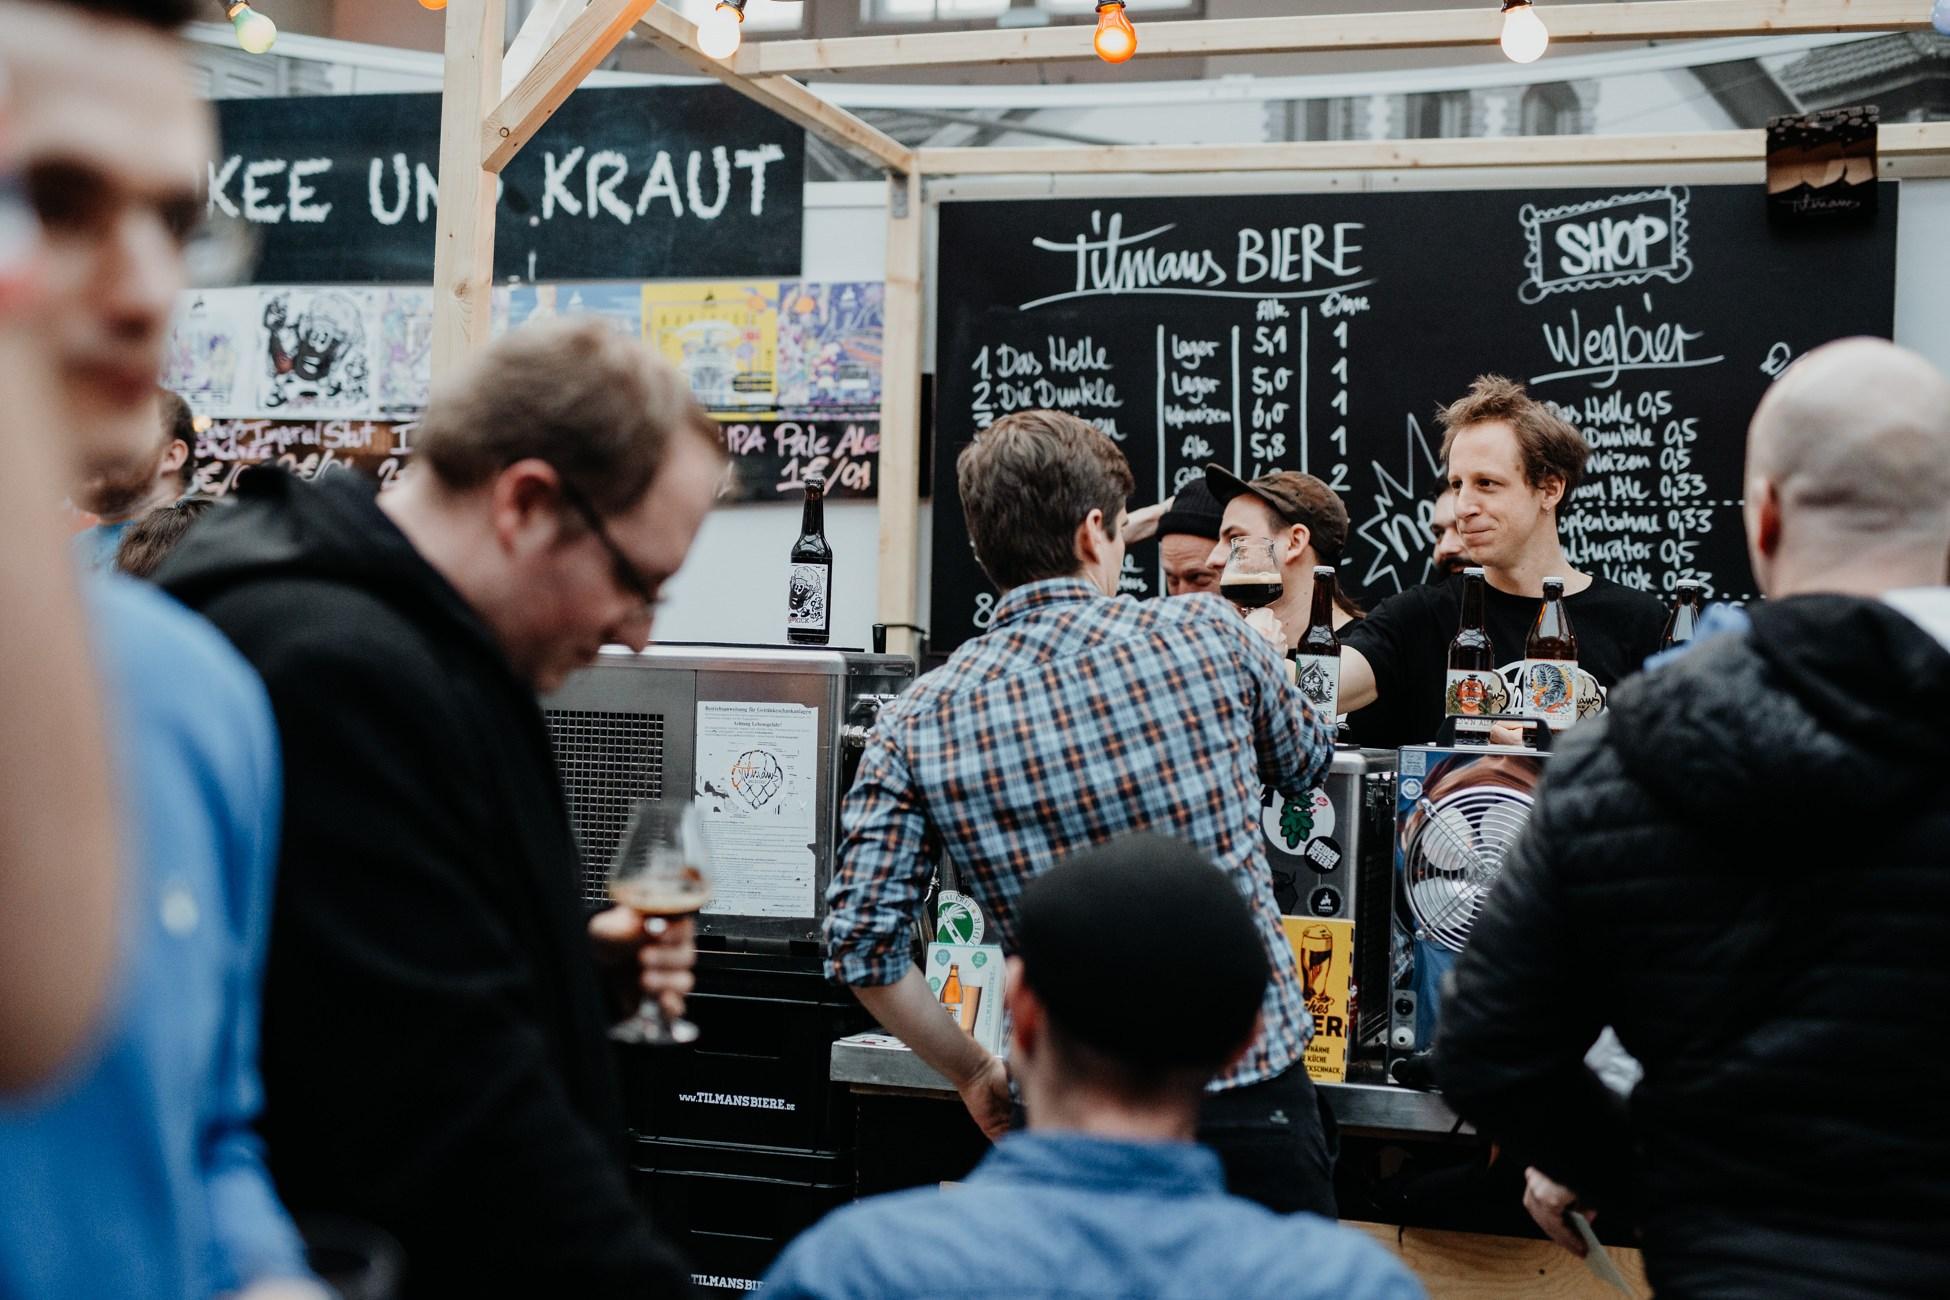 Braukunst live München - über menschen und biere die in keine schublade passen